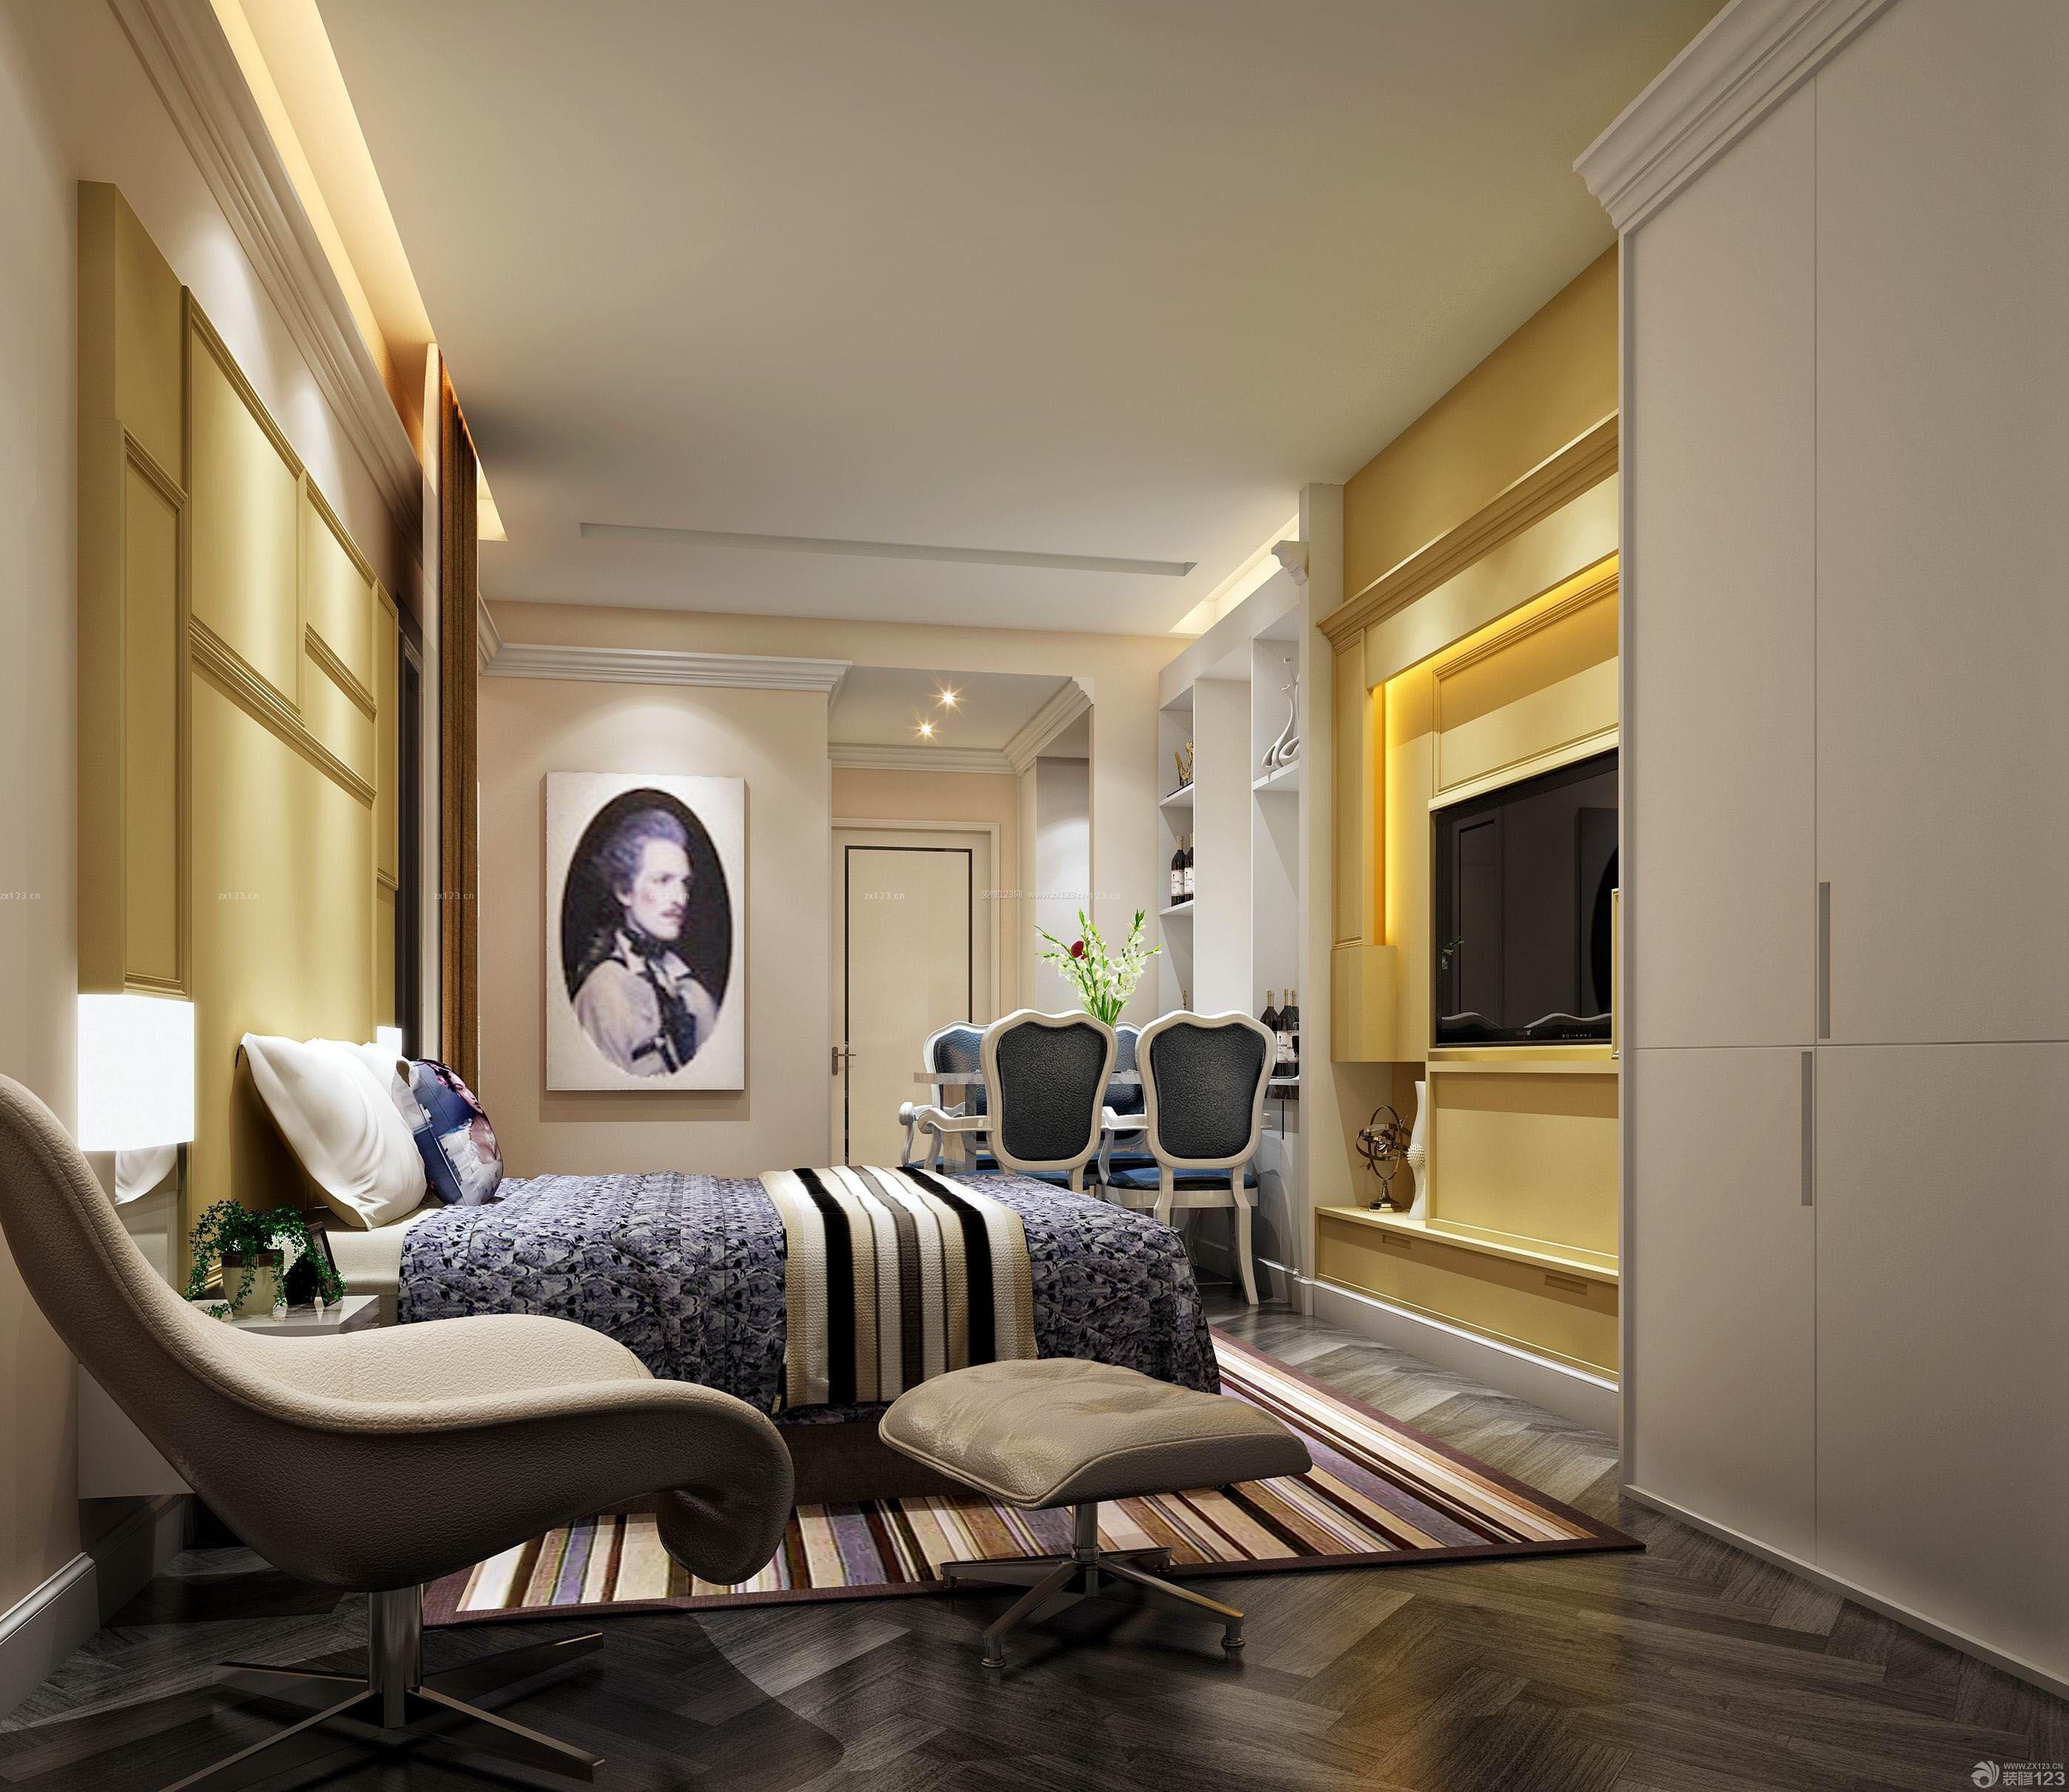 家居壁纸装修效果图-桌子壁纸效果图|四十平米装修效果图|三室装修